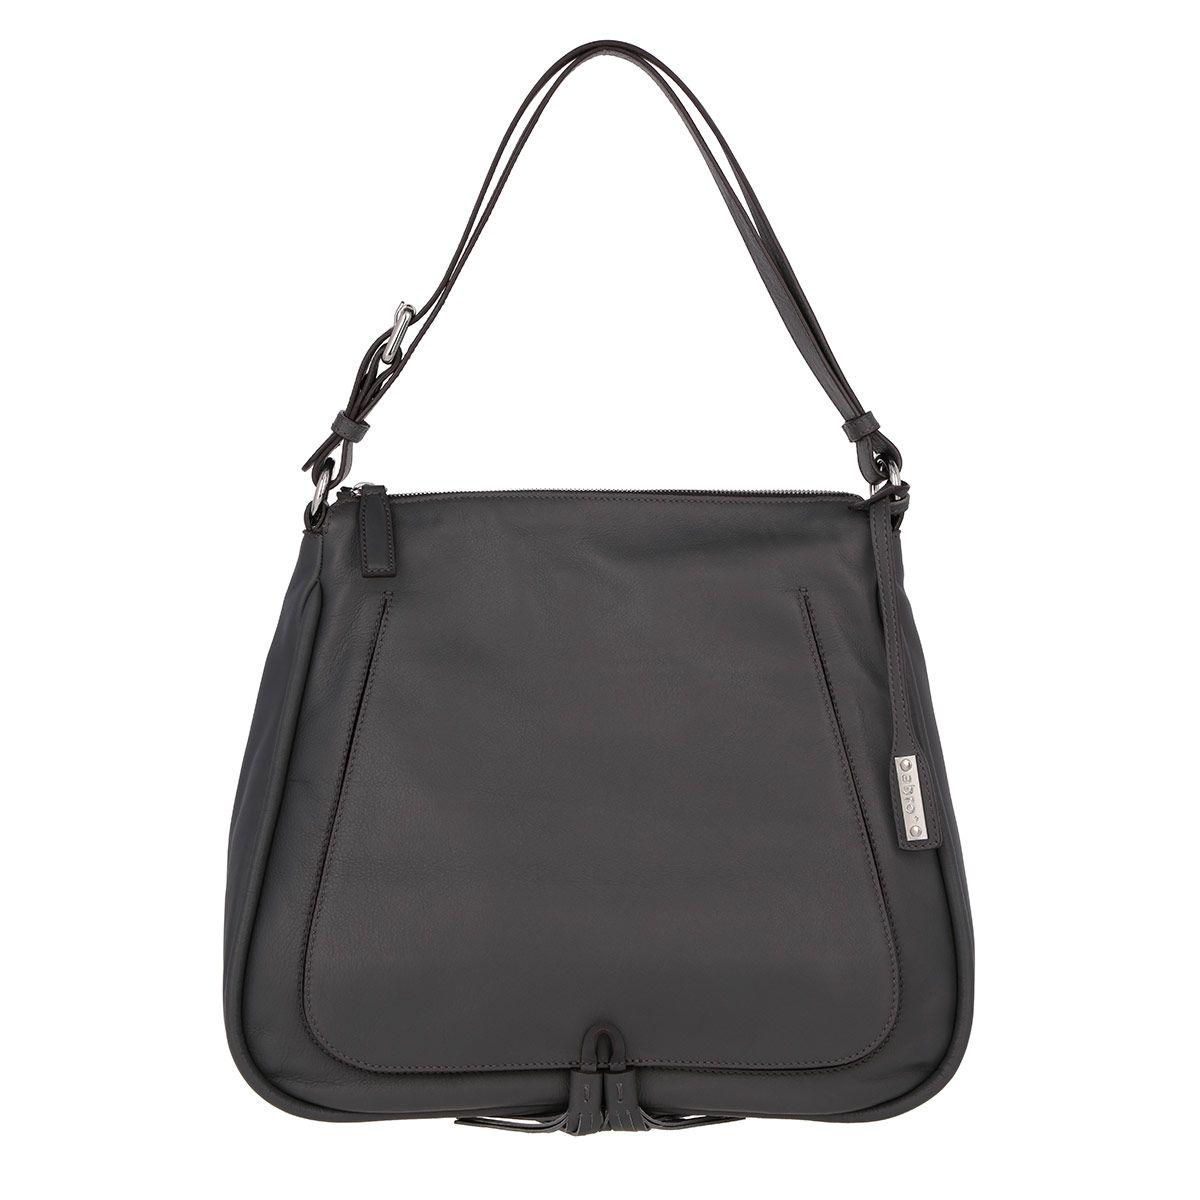 Abro Premium Abro Velvet Calf Leather Tassel Hobo Bag Dark Grey In Grau Fashionette Leder Hobo Bag Kalb